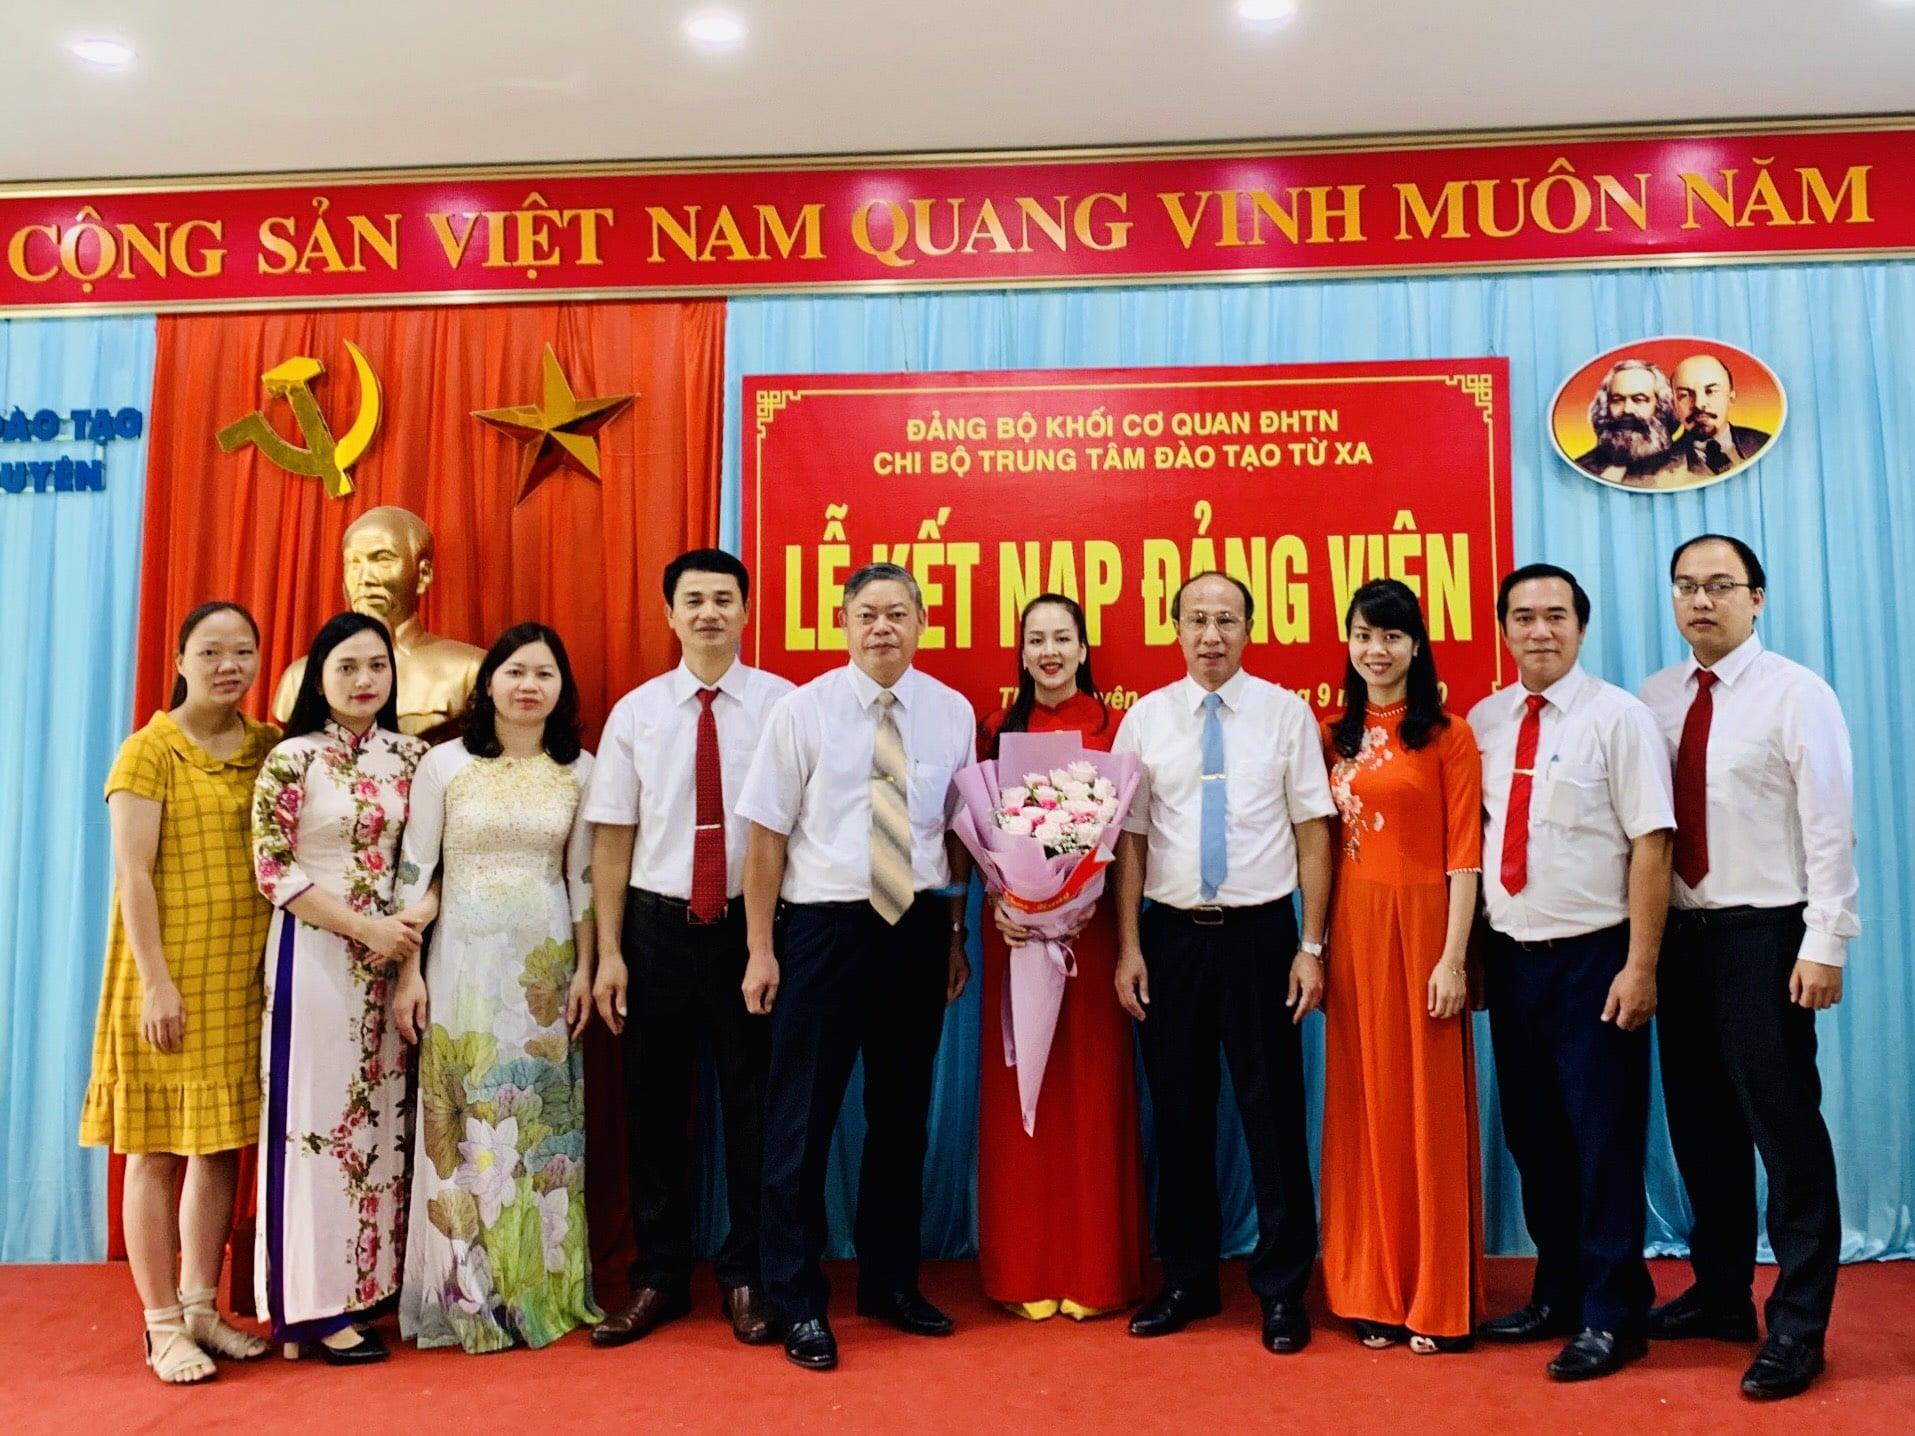 Lễ kết nạp Đảng viên chi bộ Trung tâm Đào tạo từ xa